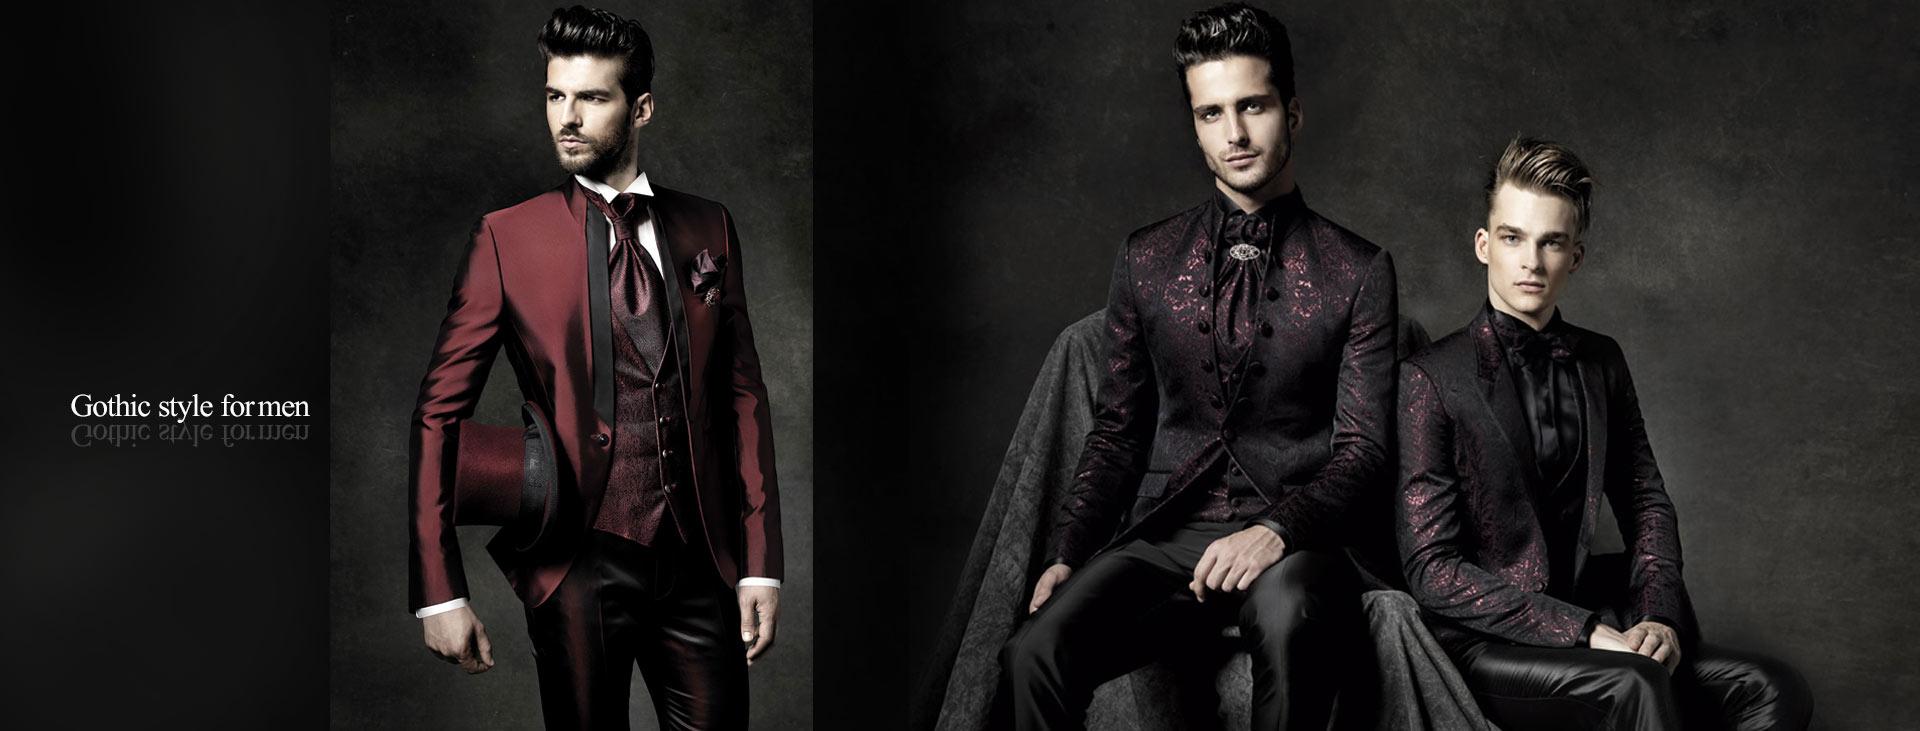 Gothic style for men 1 - استایل گوتیک مردانه